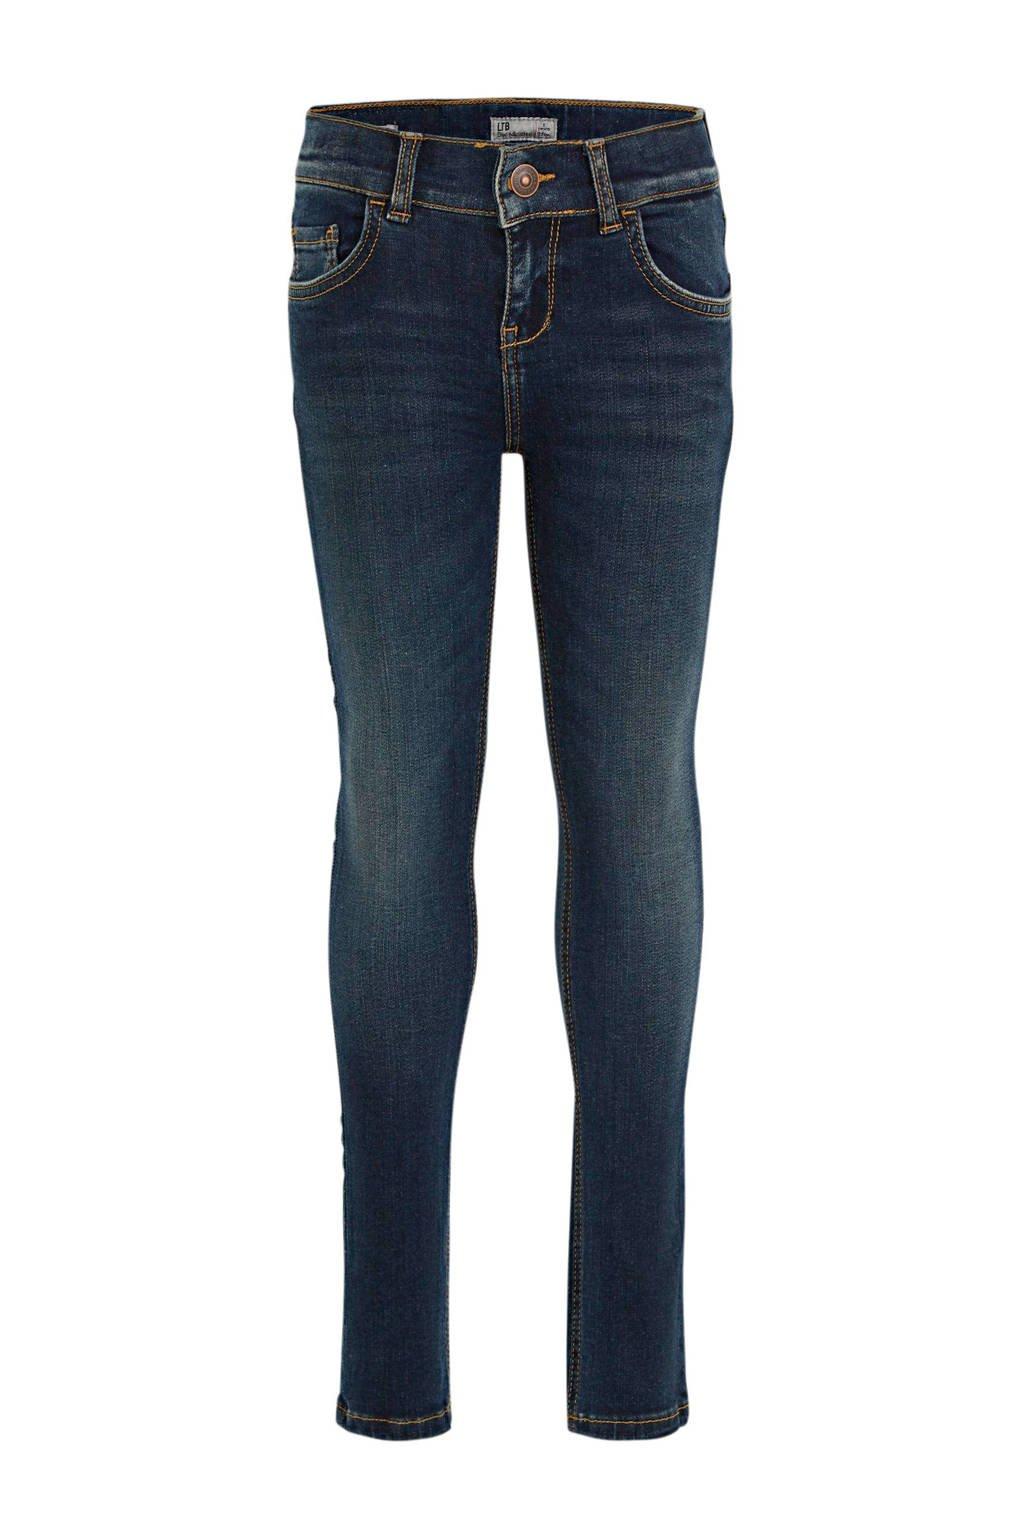 LTB skinny jeans Isabella thara wash, Thara wash